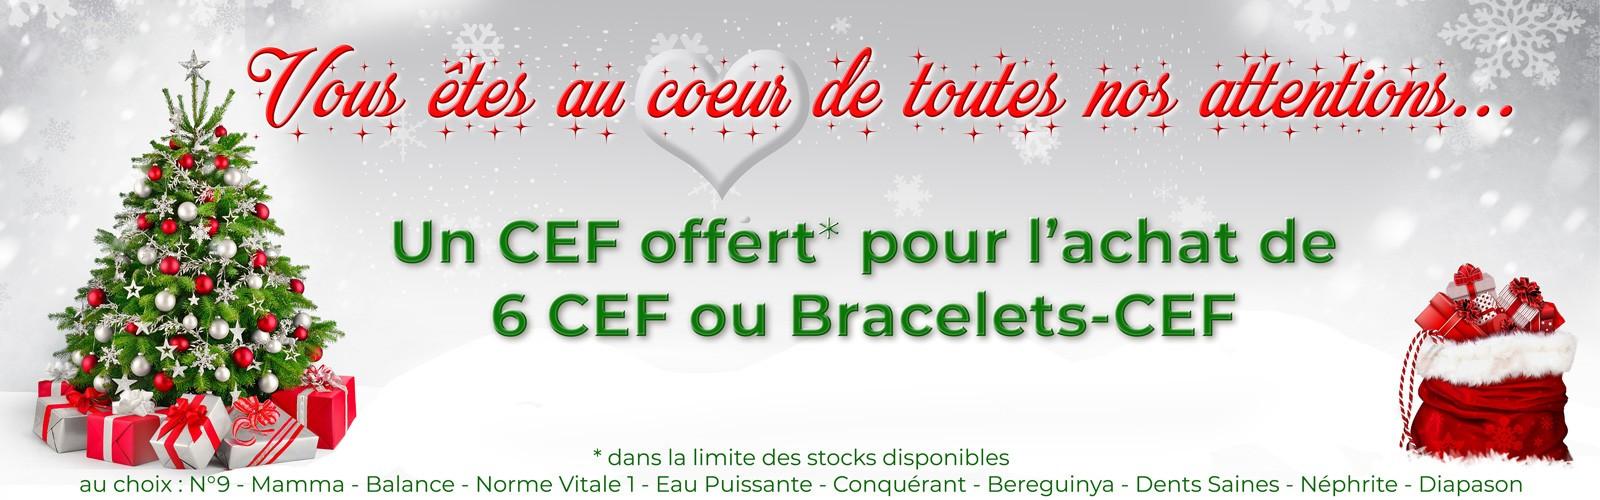 Un CEF offert pour l'achat de 6 CEF ou Bracelets-CEF